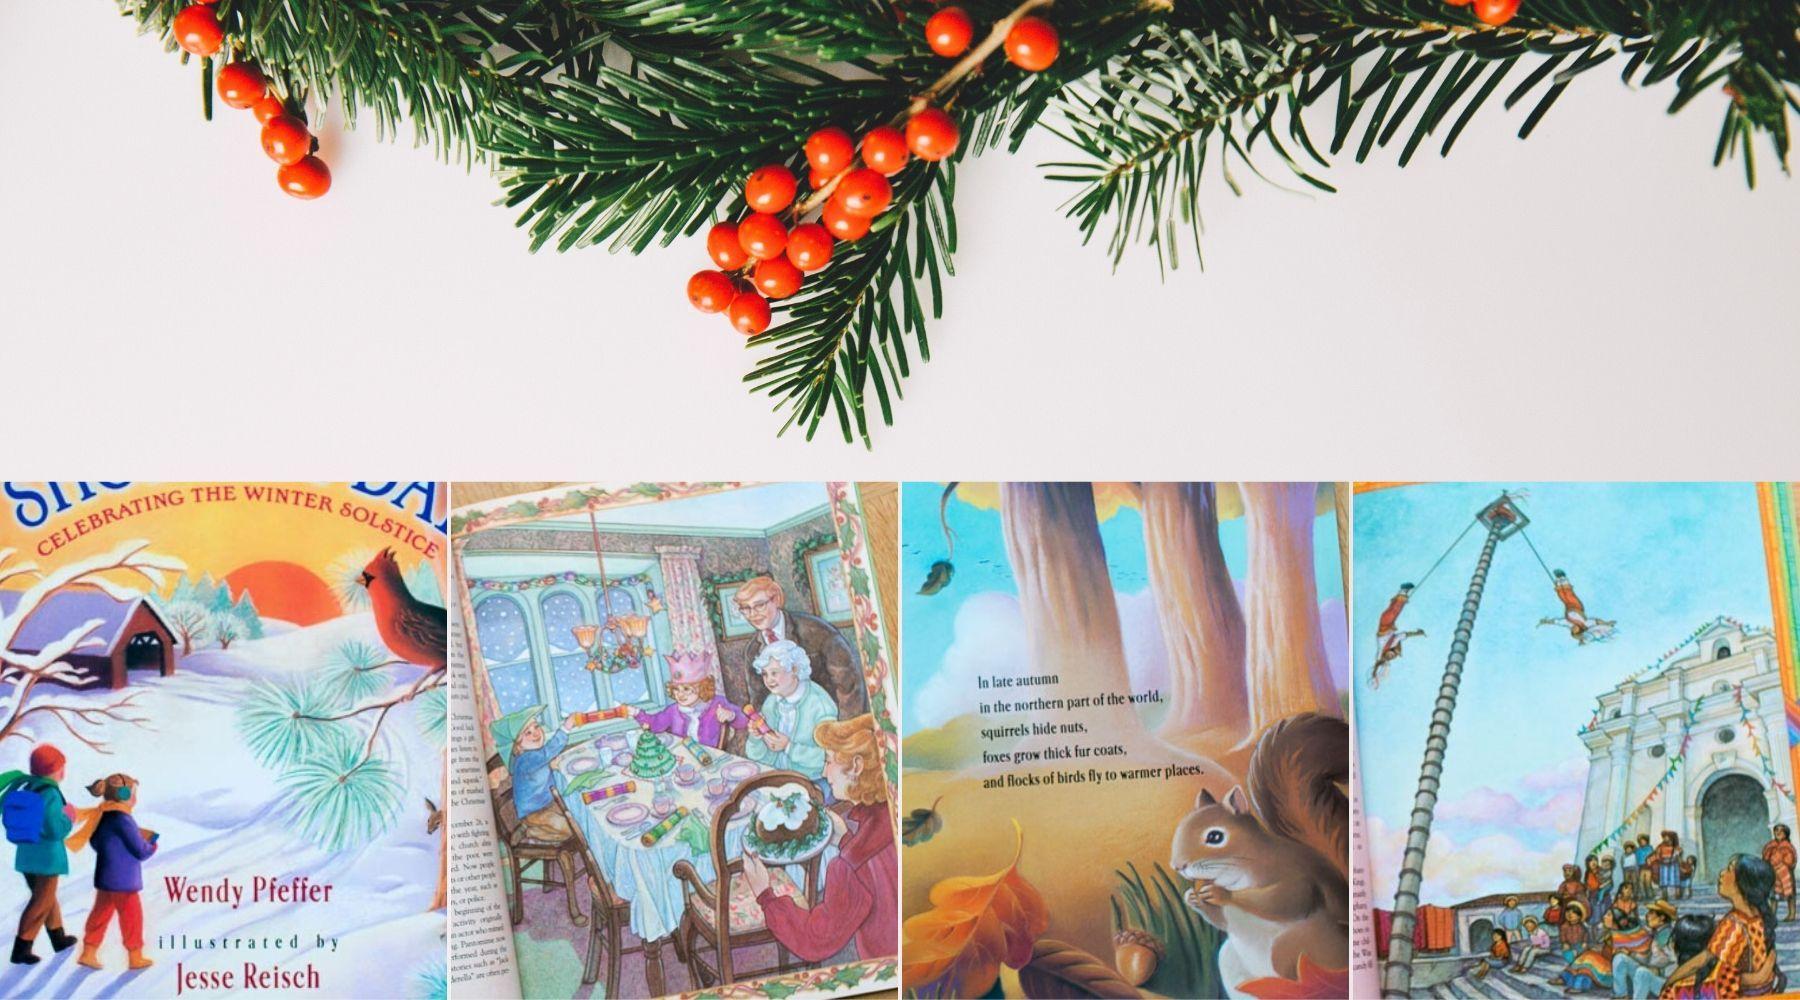 Świąteczne książki (faktu, historyczne, laickie, Montessori-friendly)